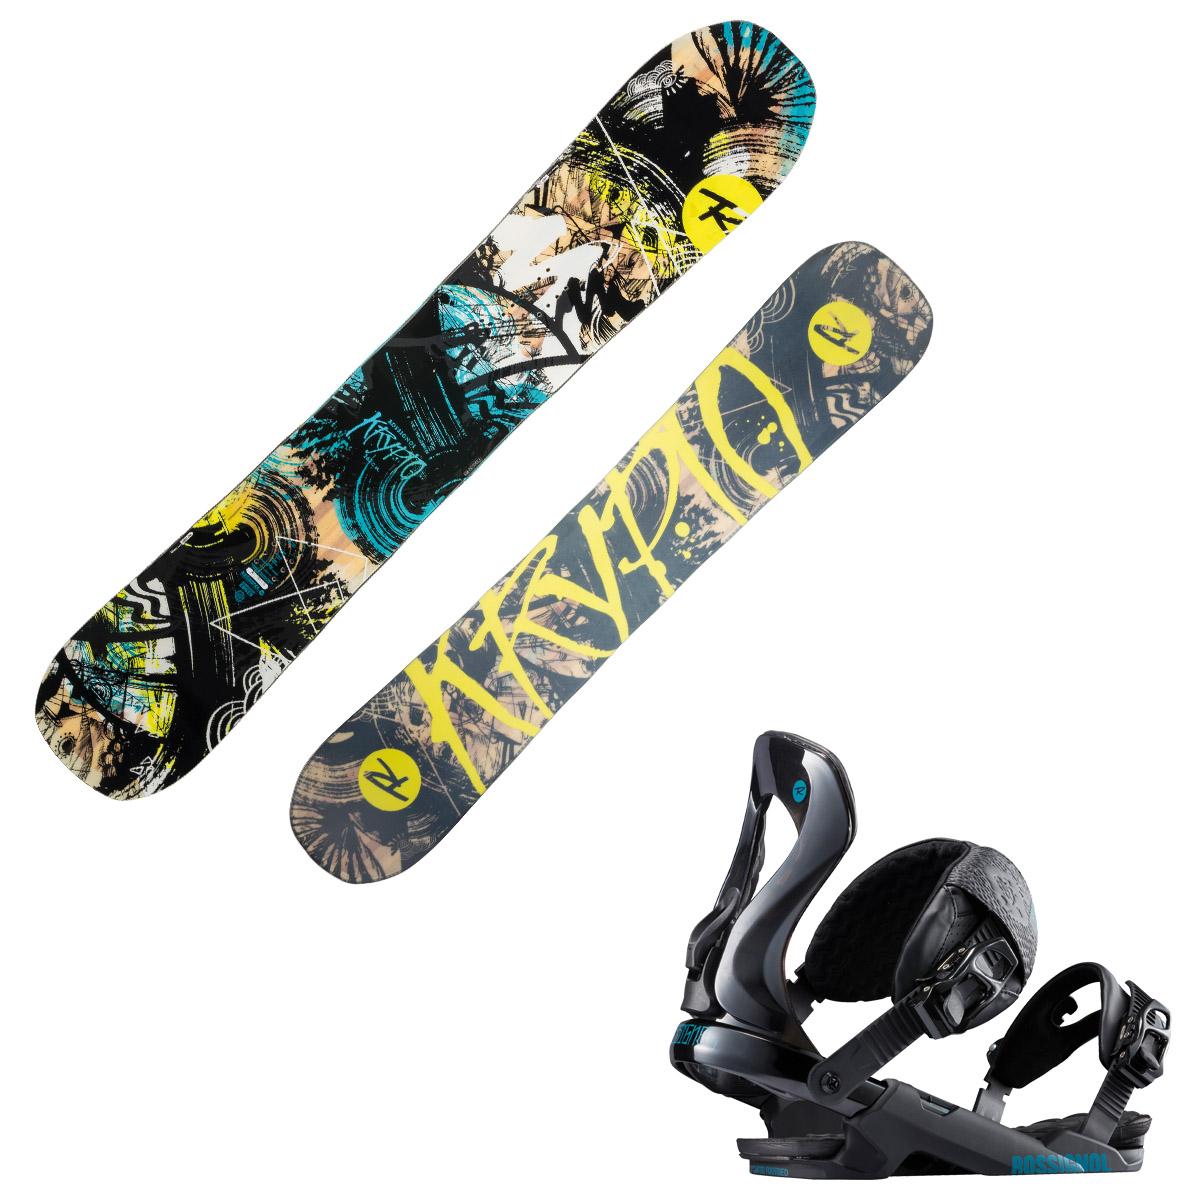 Snowboard Rossignol Krypto con attacchi Cobra (Colore: nero fantasia, Taglia: 156)